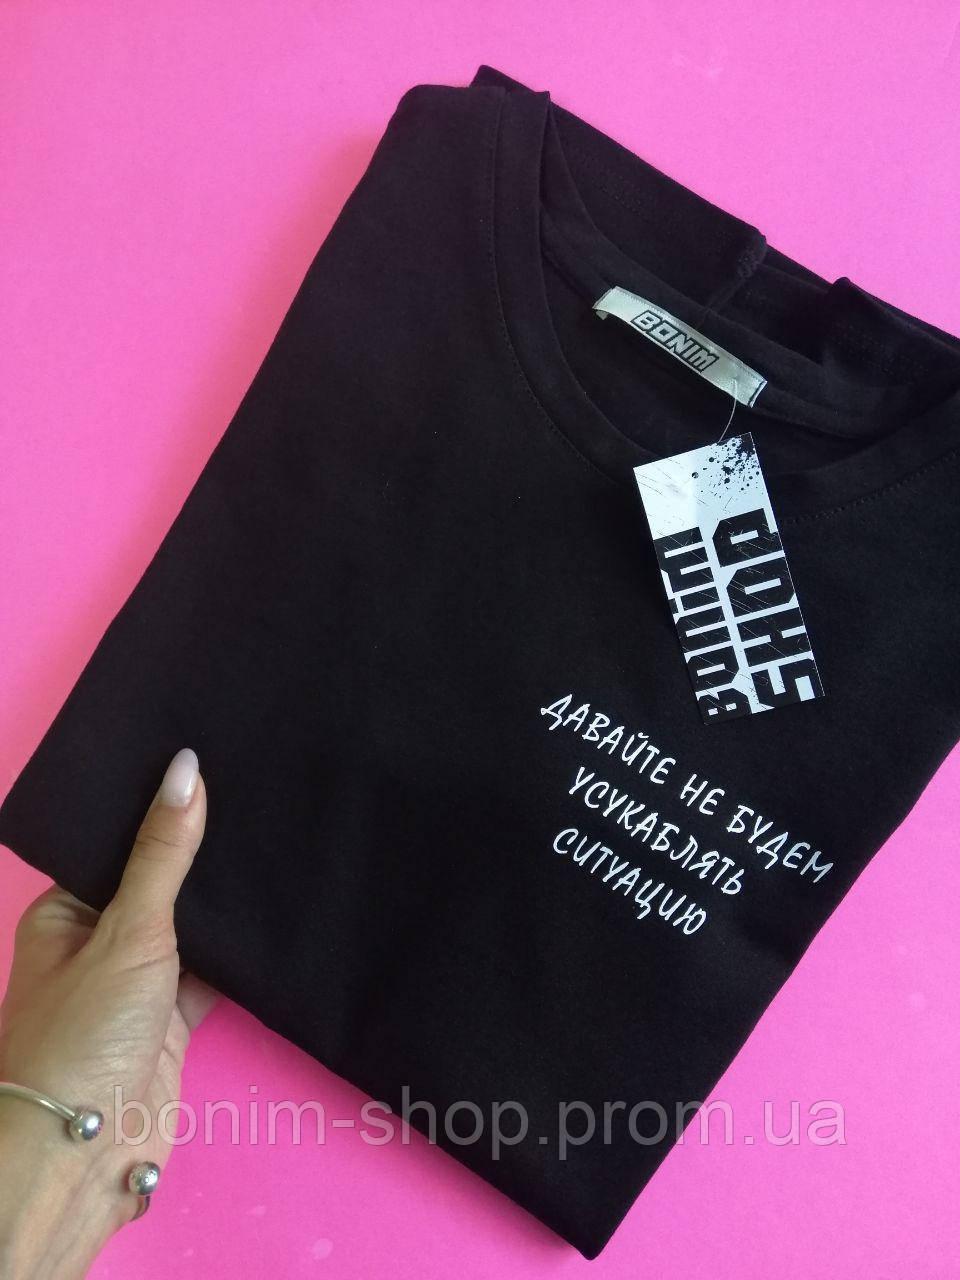 Черная женская футболка с принтом Давайте не будем усукаблять ситуацию